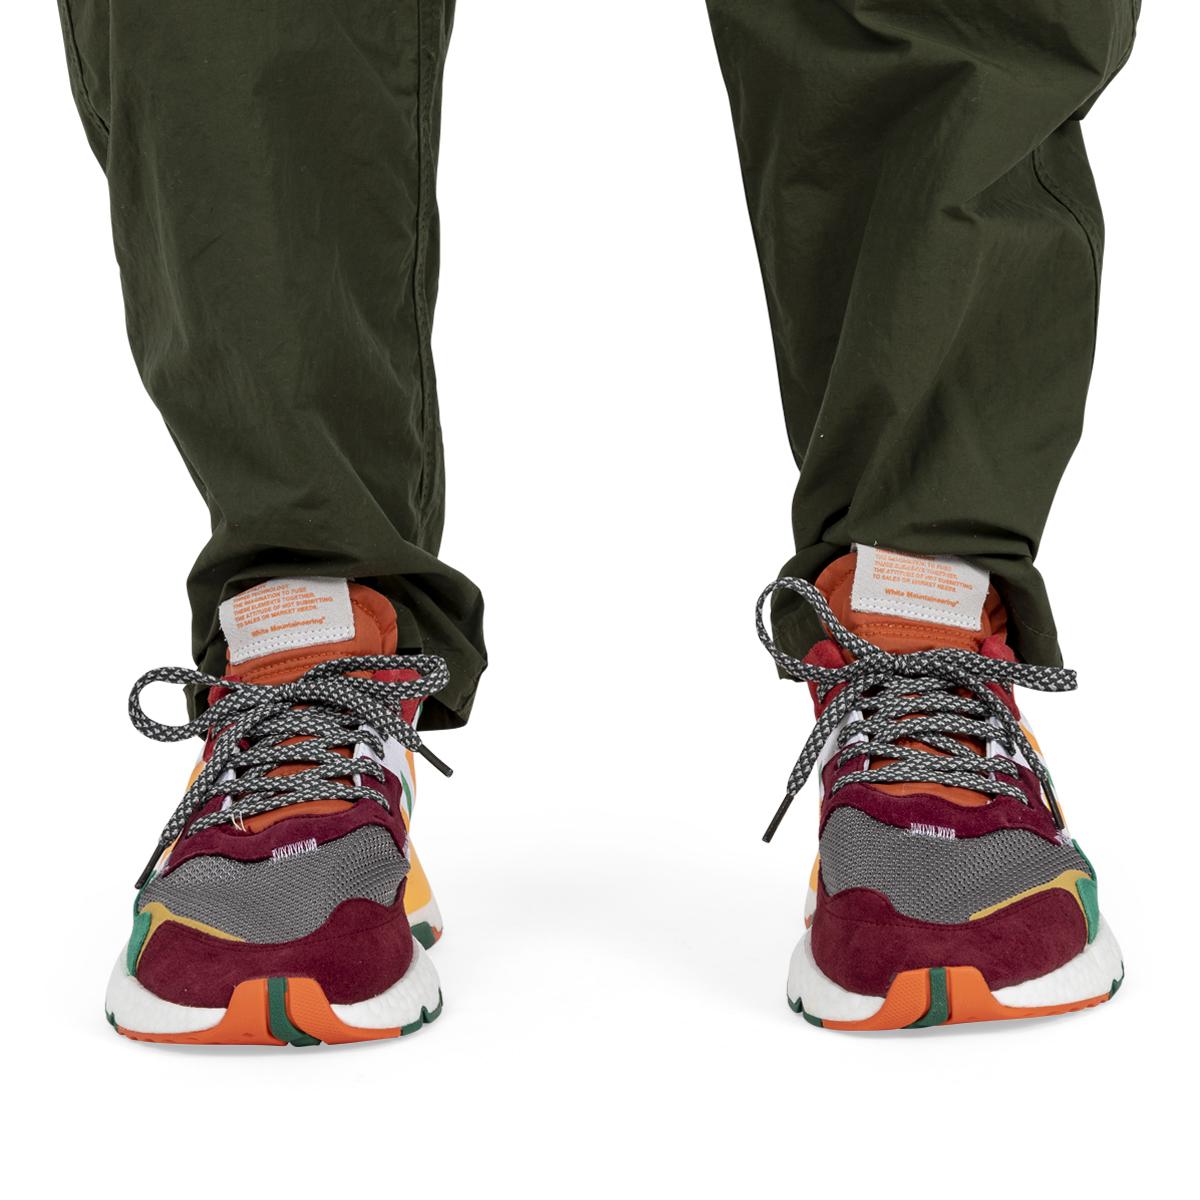 White Mountaineering x adidas Nite Jogger